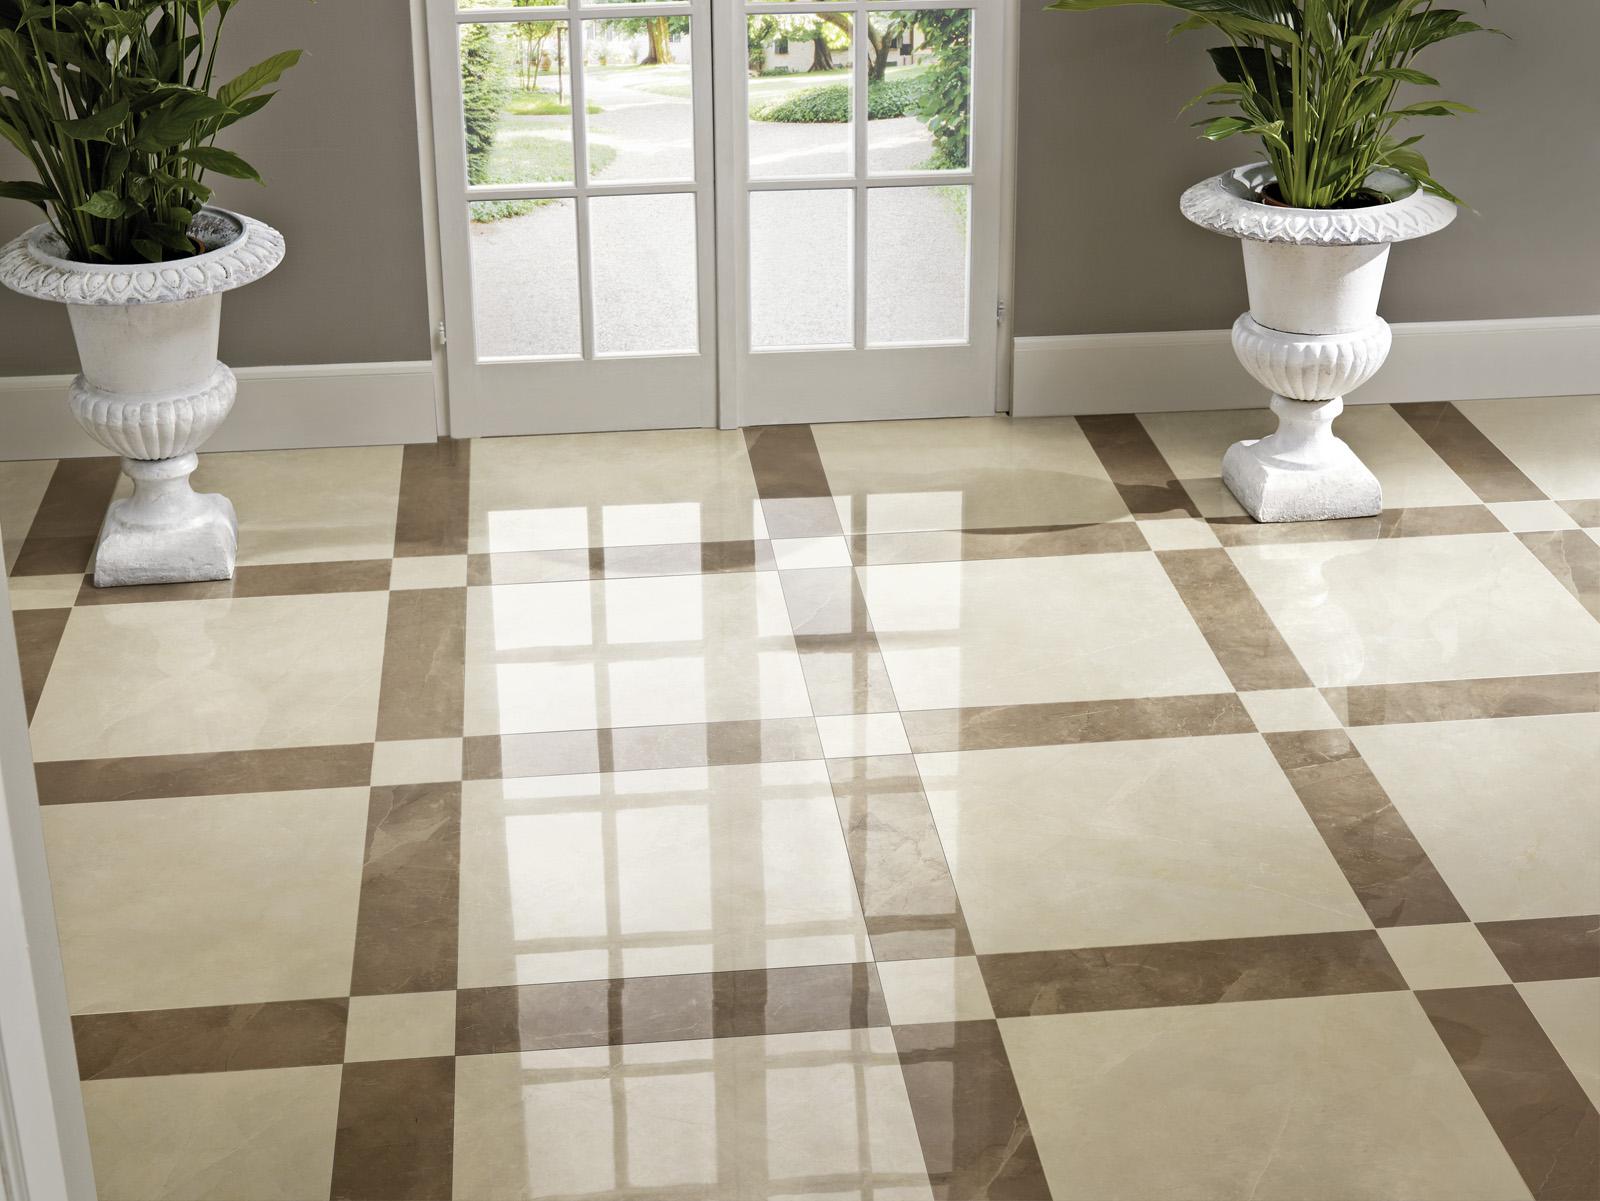 gres porcellanato marmo scopri le collezioni marazzi. Black Bedroom Furniture Sets. Home Design Ideas